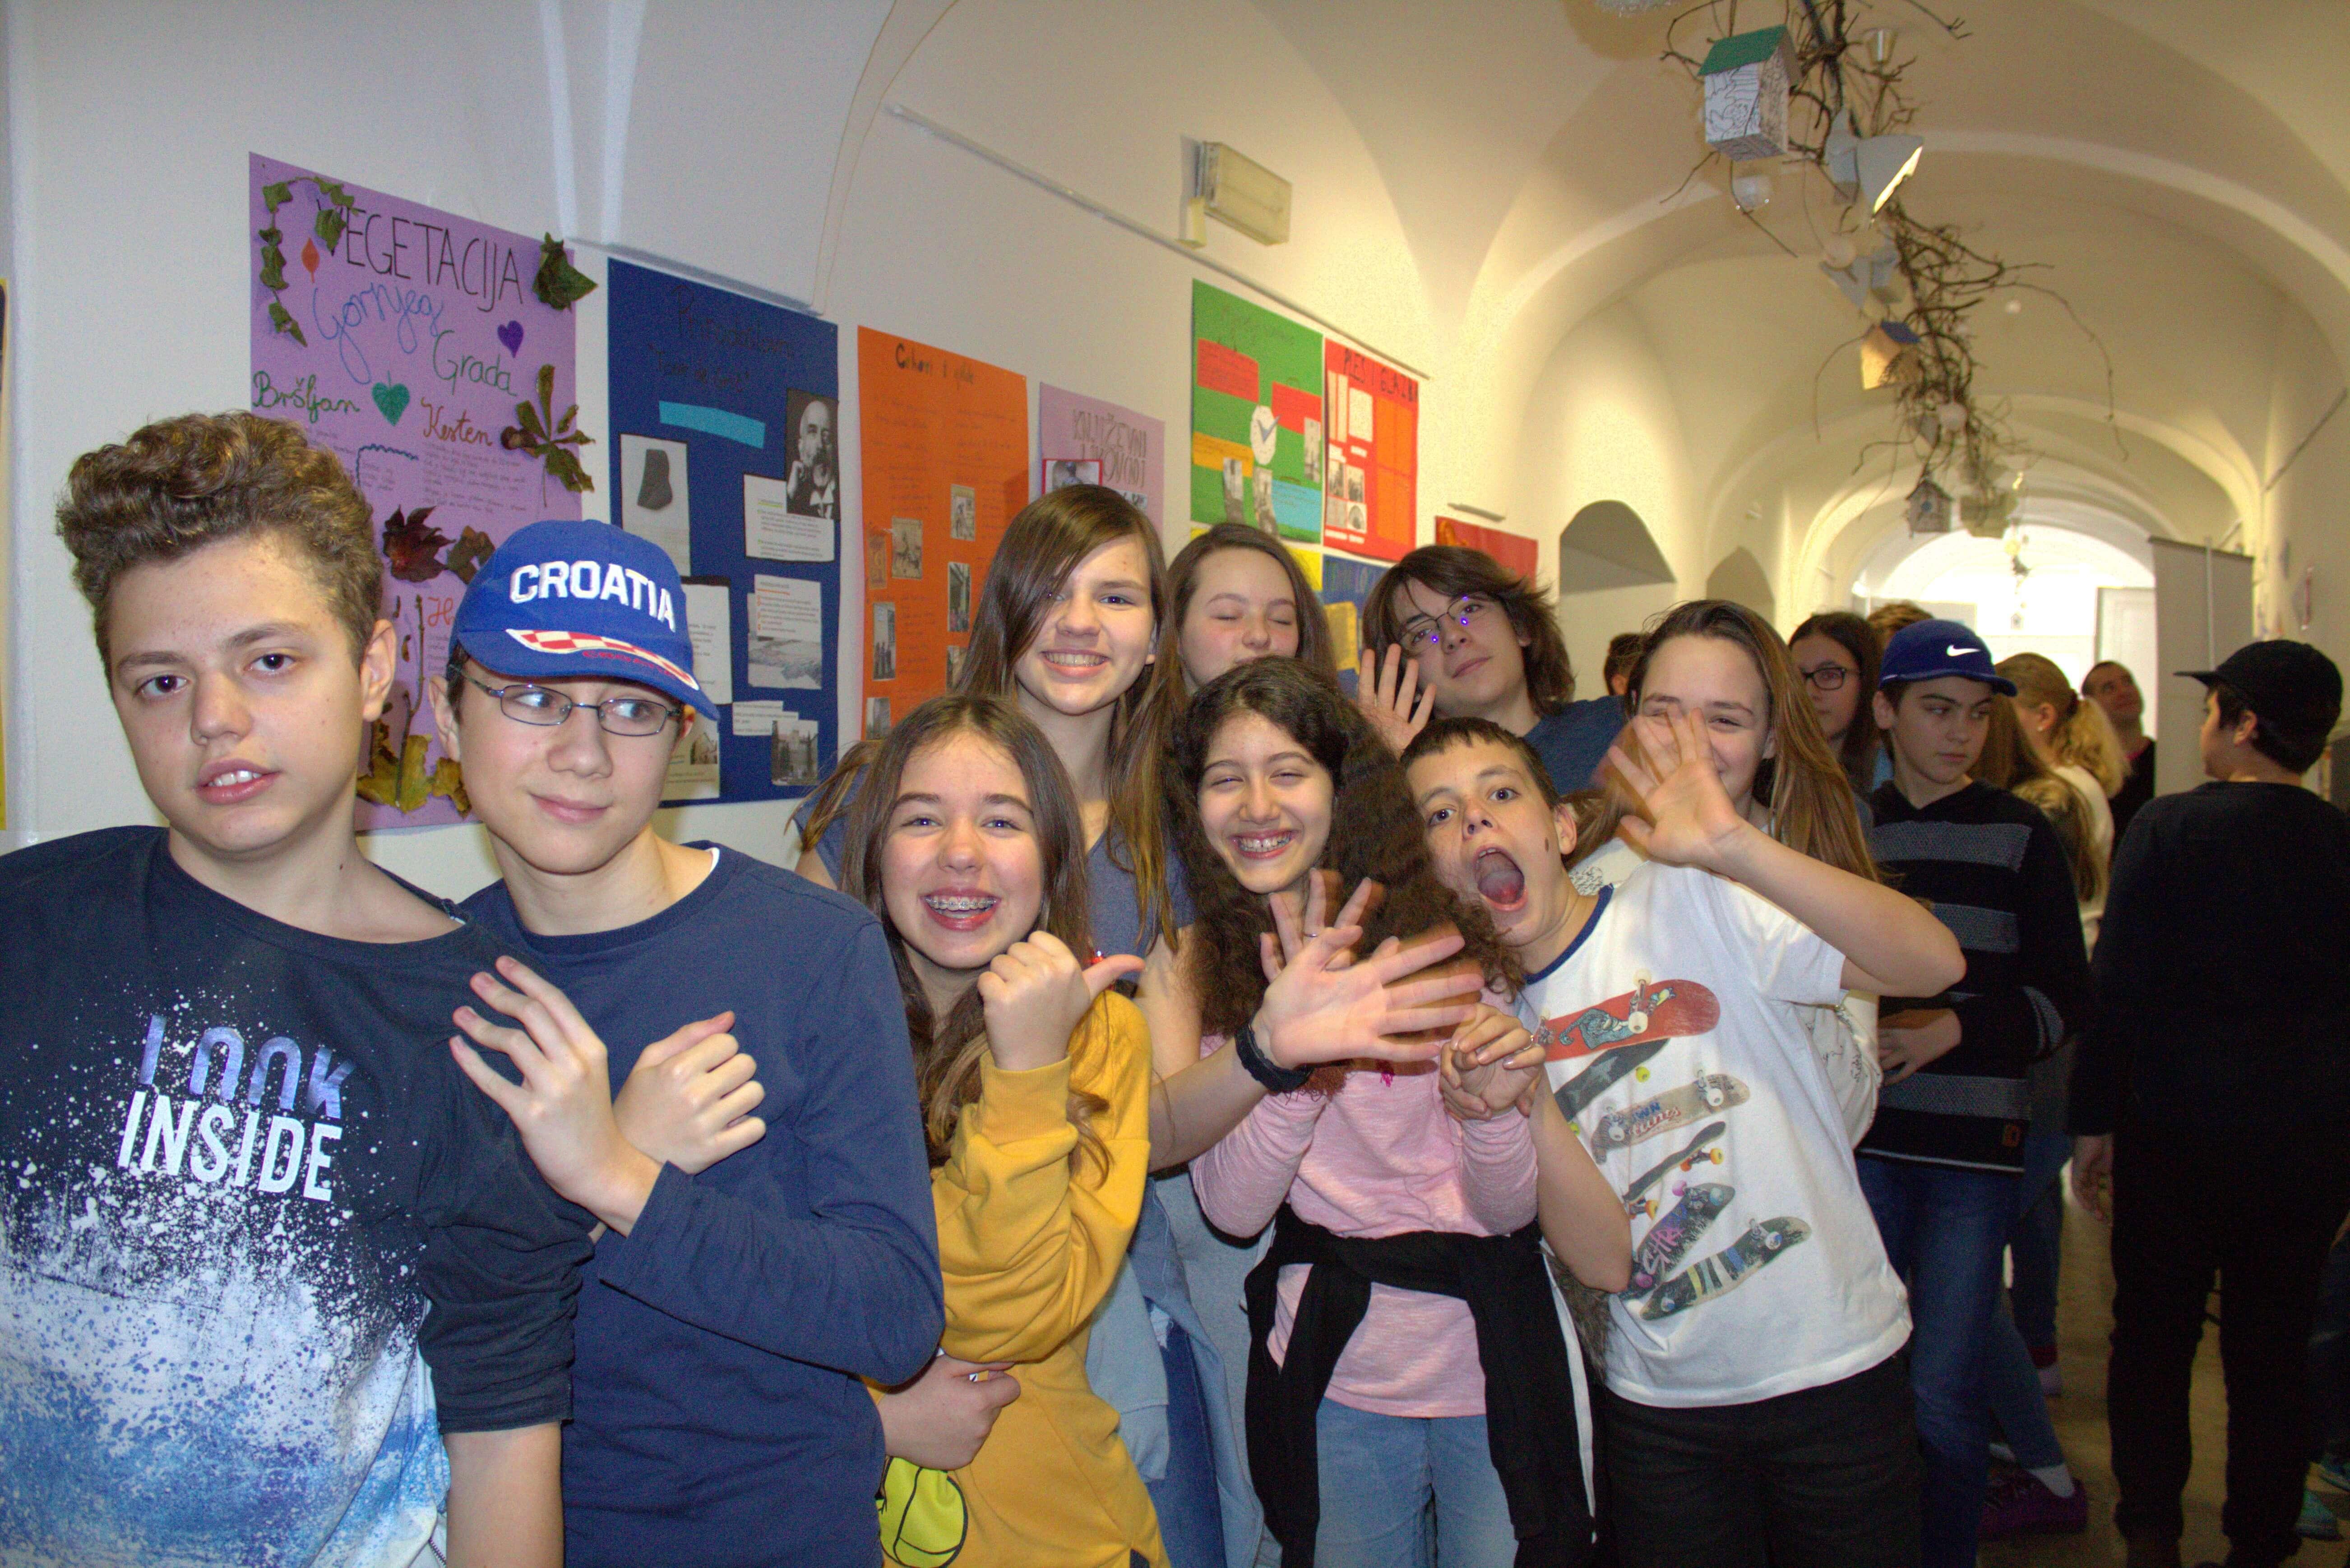 židovsko i katoličko druženje online upoznavanje s Perth Australia